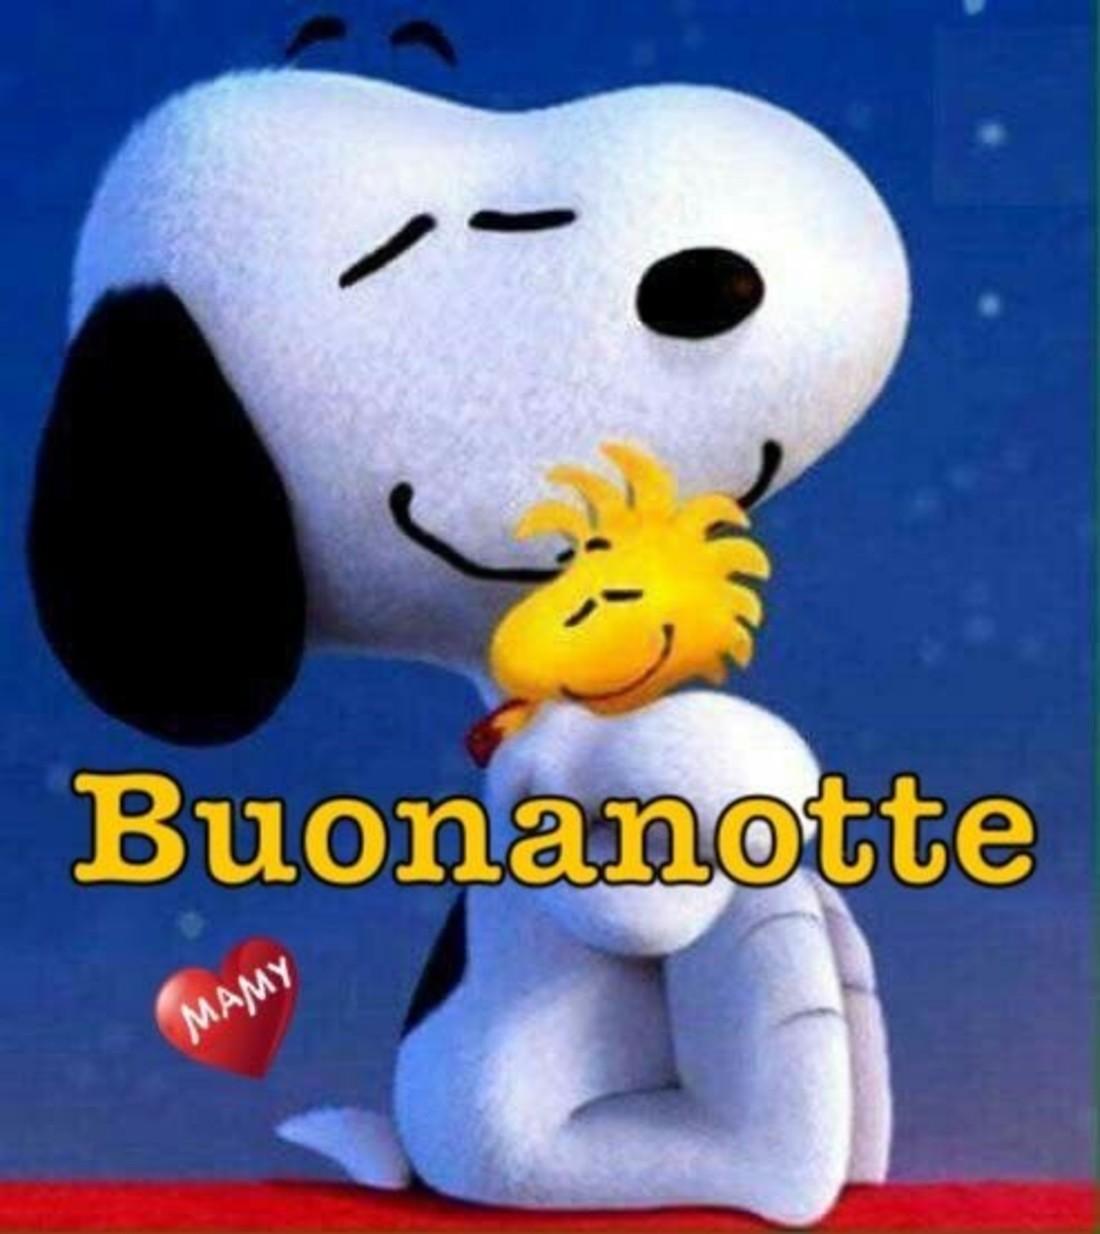 Buonanotte da Snoopy e Woodstock